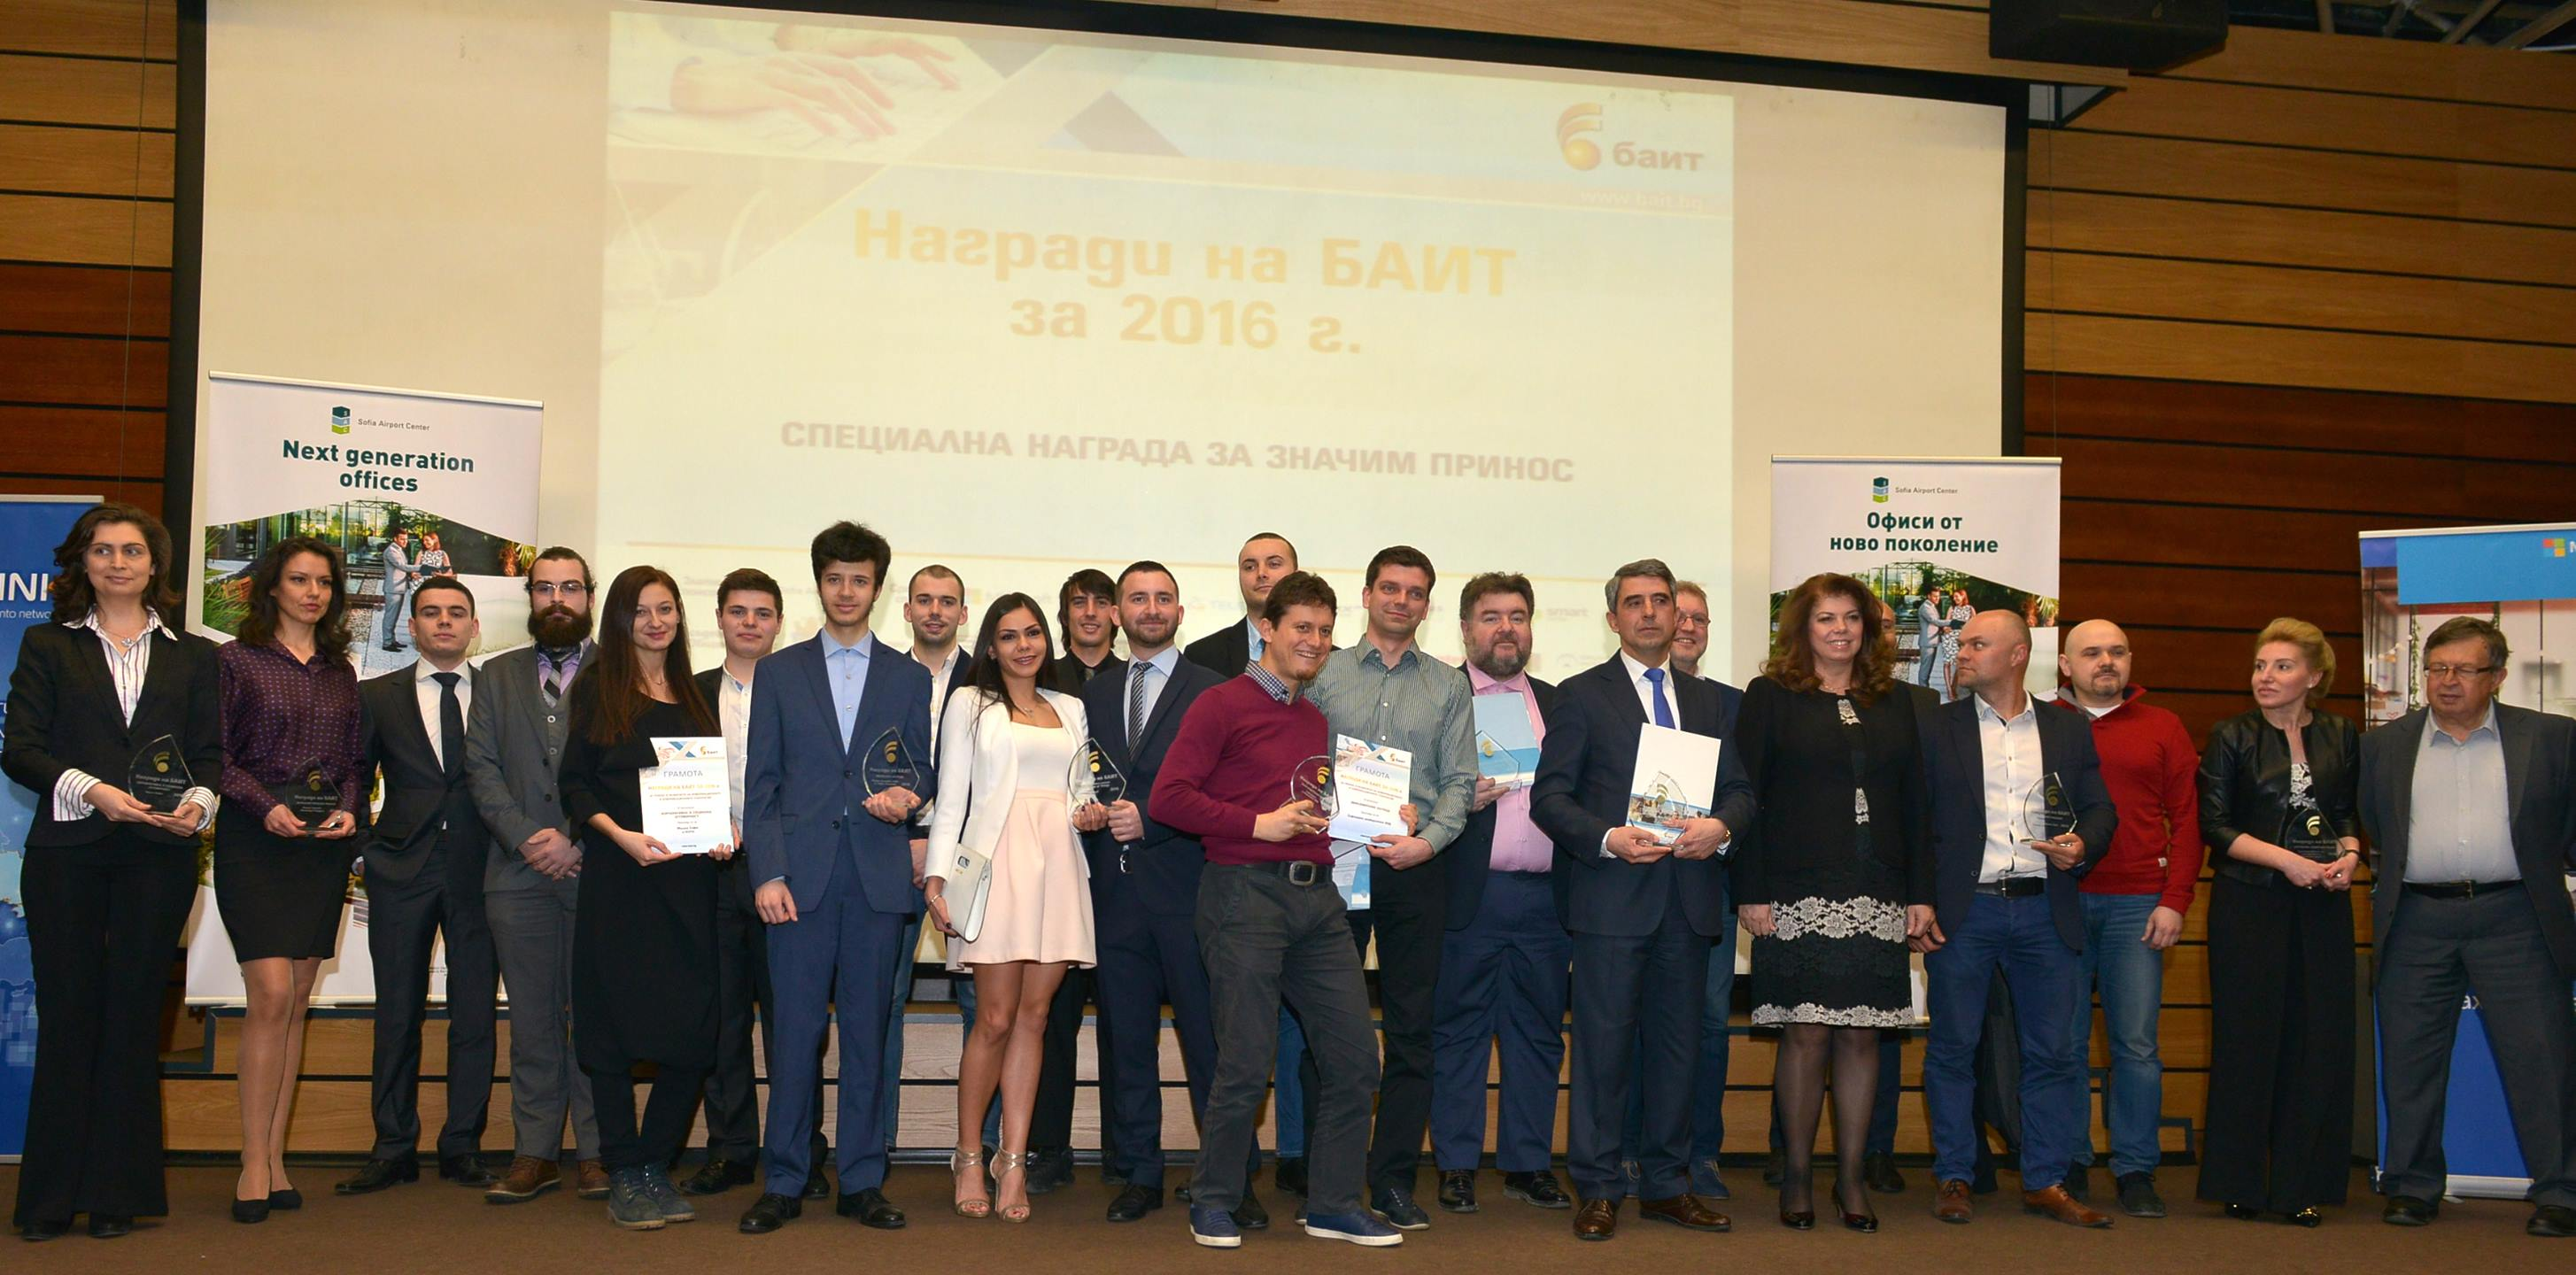 Наградите на БАИТ 2016